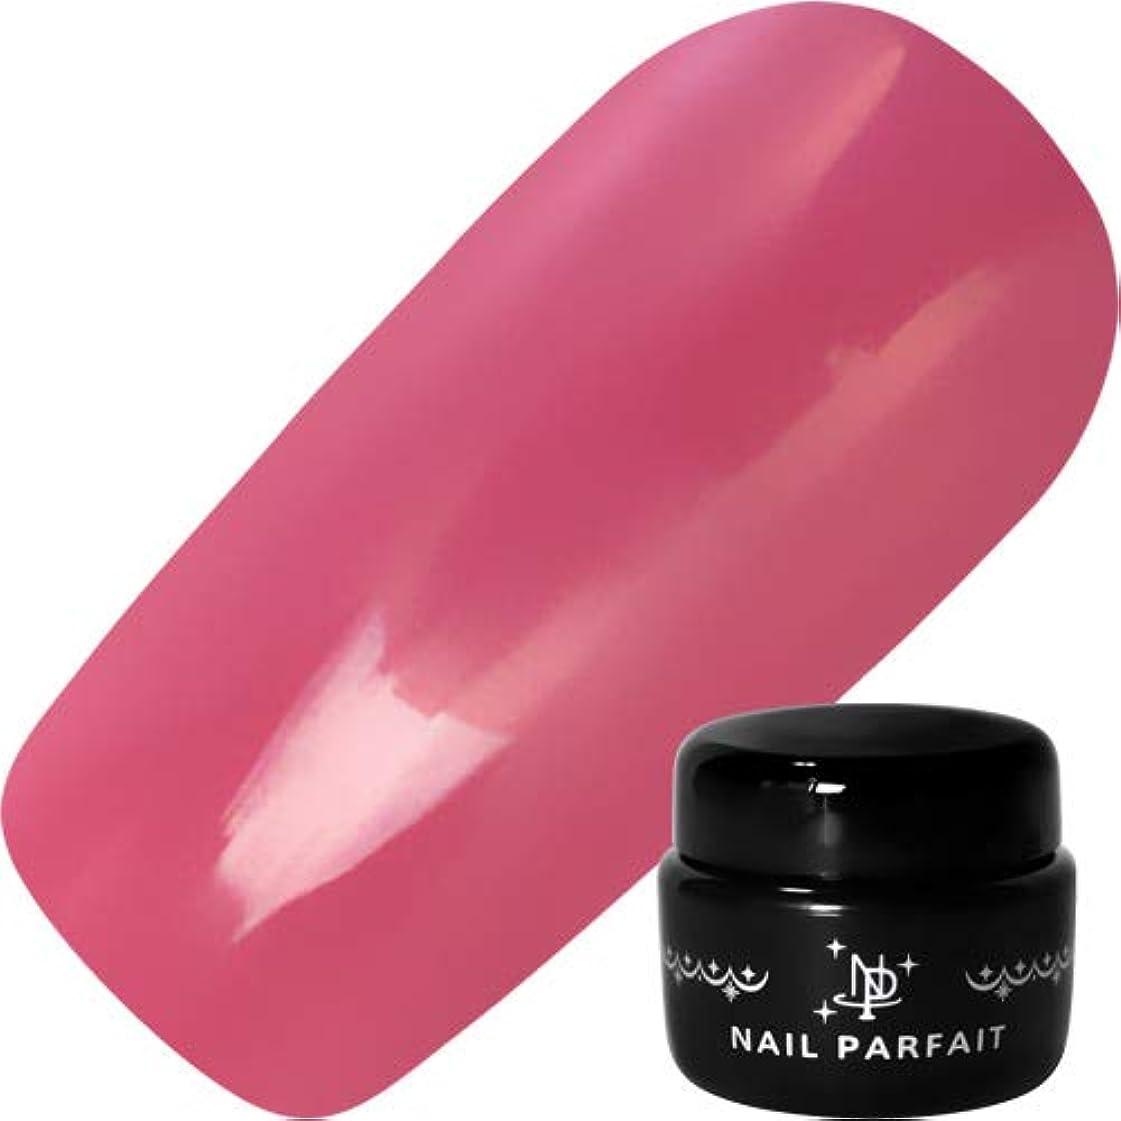 夢中全体背の高いNAIL PARFAIT ネイルパフェ カラージェル A56ローズピンク 2g 【ジェル/カラージェル?ネイル用品】